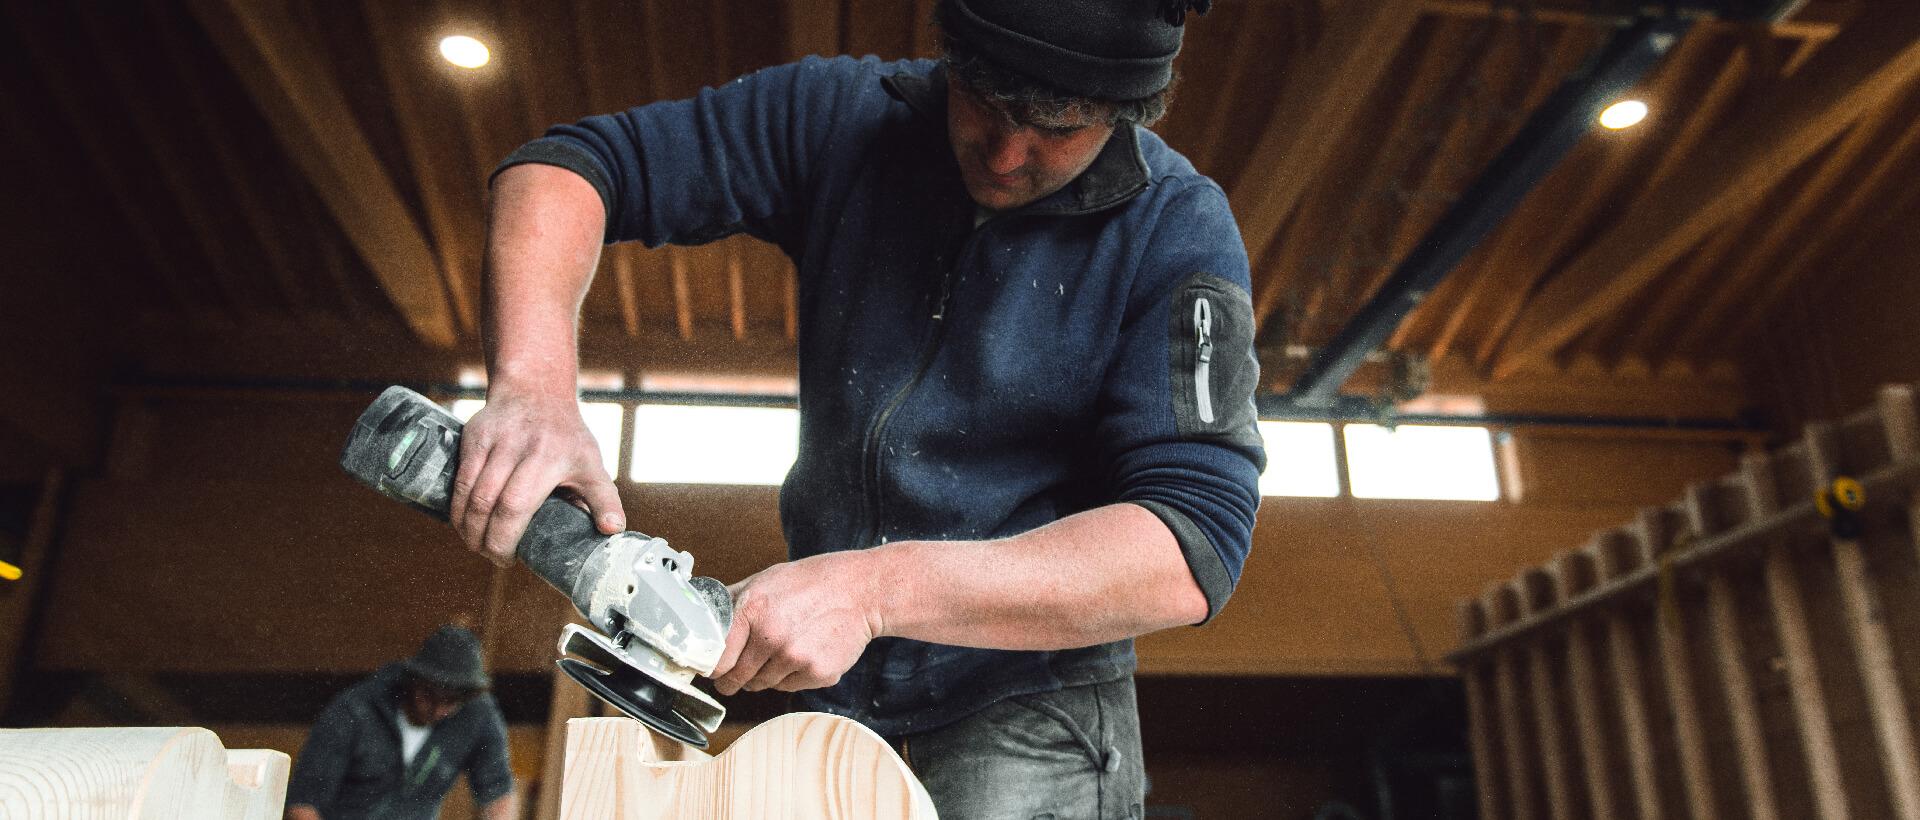 Zimmerei - Bauen mit Holz